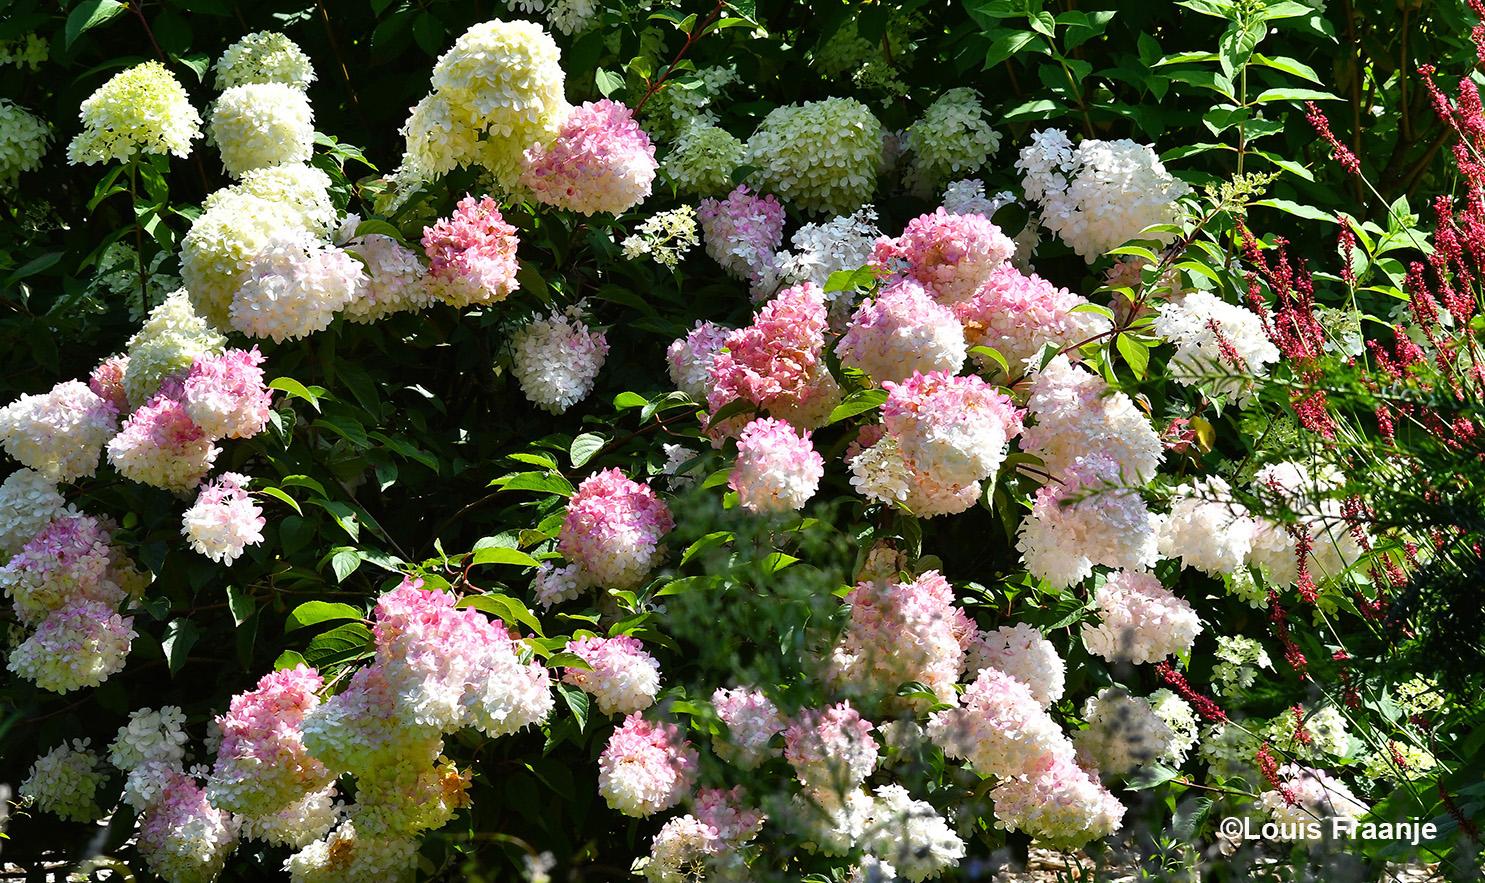 Prachtige Hortensia's om van te genieten - Foto: ©Louis Fraanje